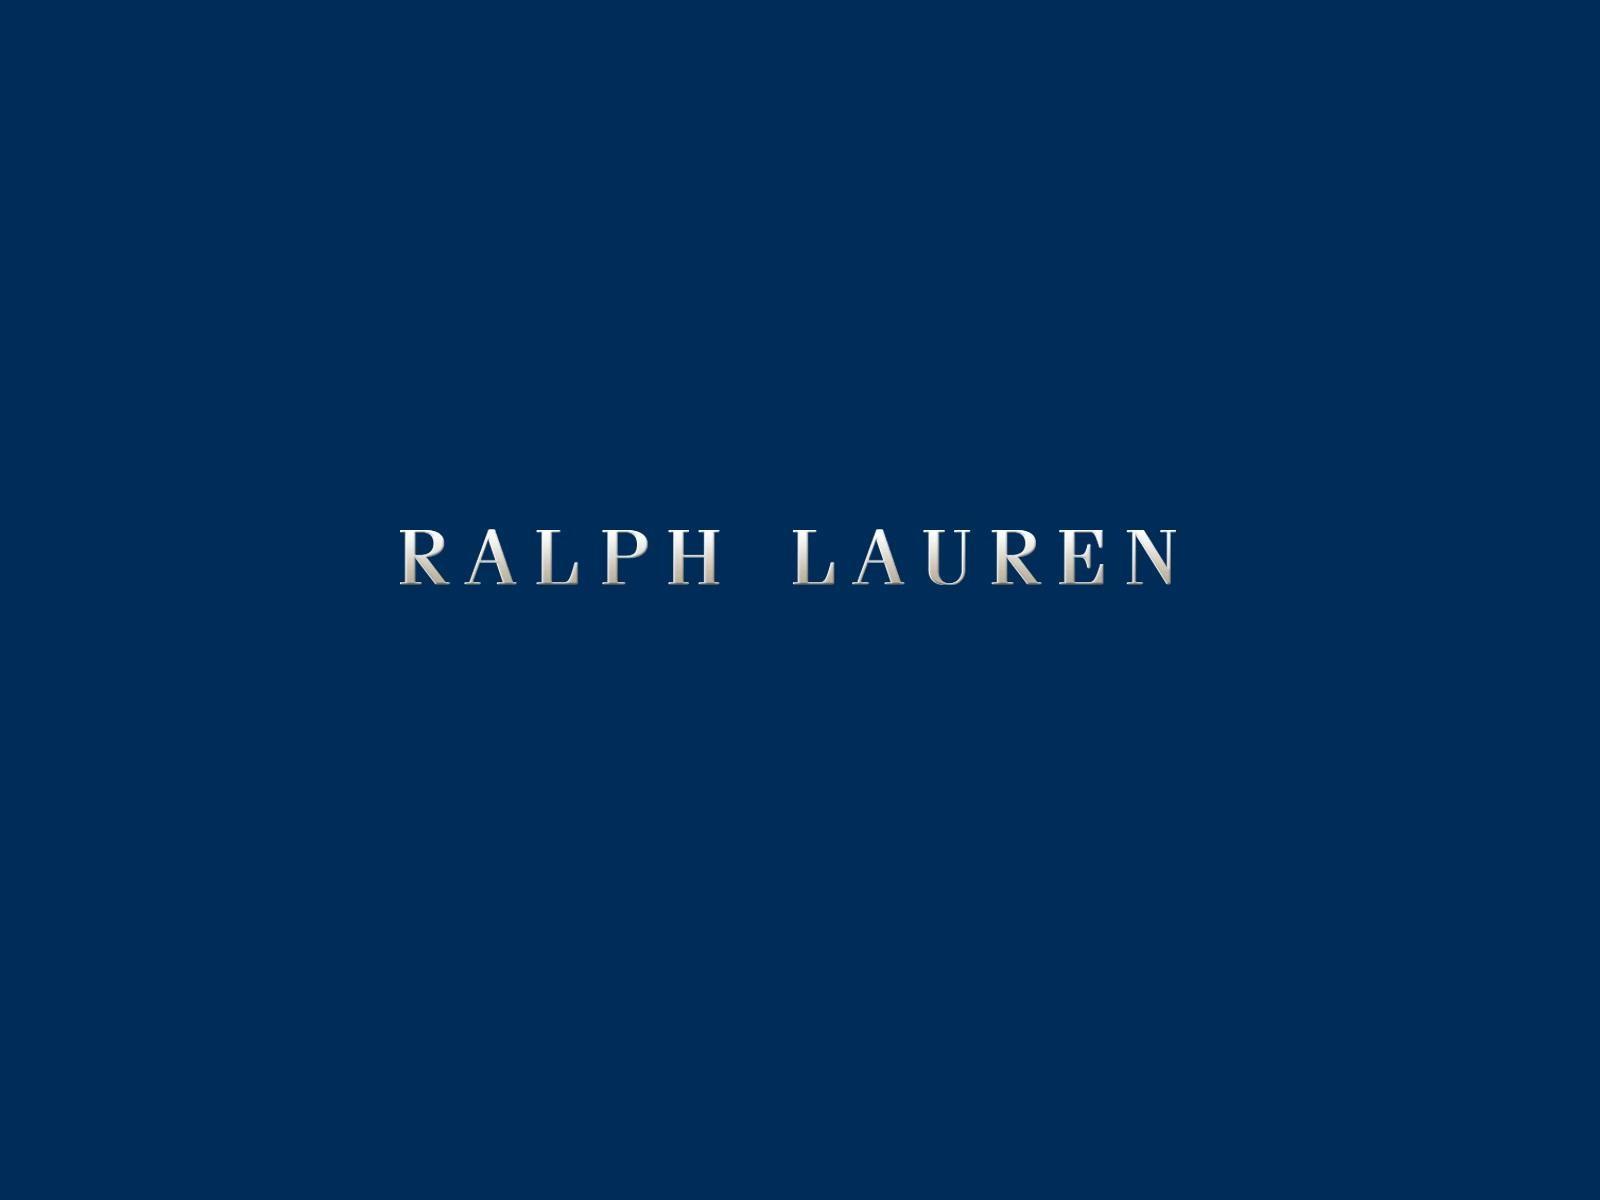 ラルフローレン ウィメンズ 西武船橋店のアルバイト情報